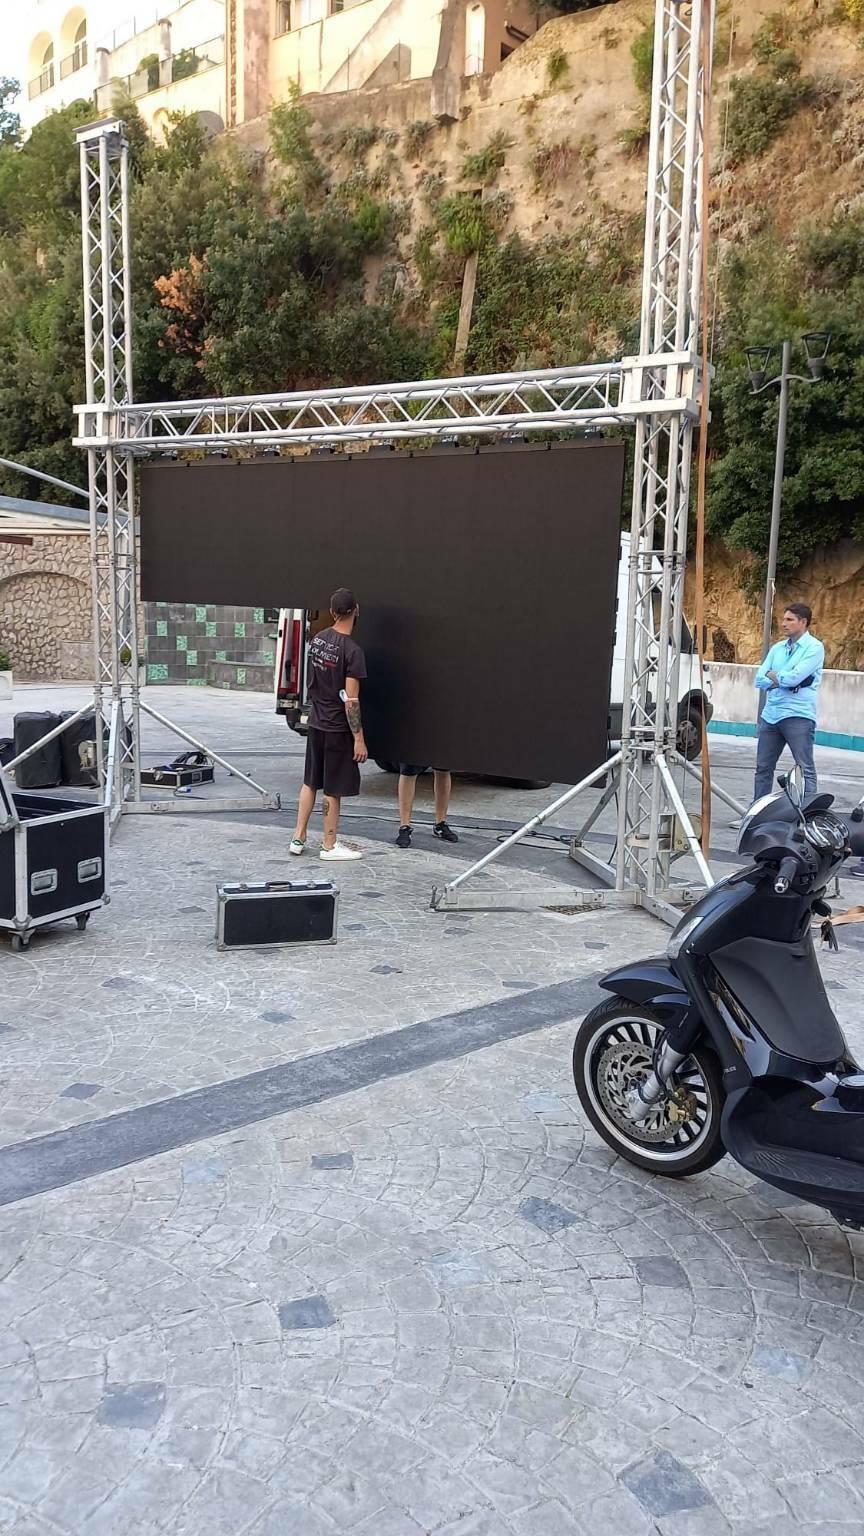 Maxi Schermo Italia Spagna a Positano in Piazza dei Racconti